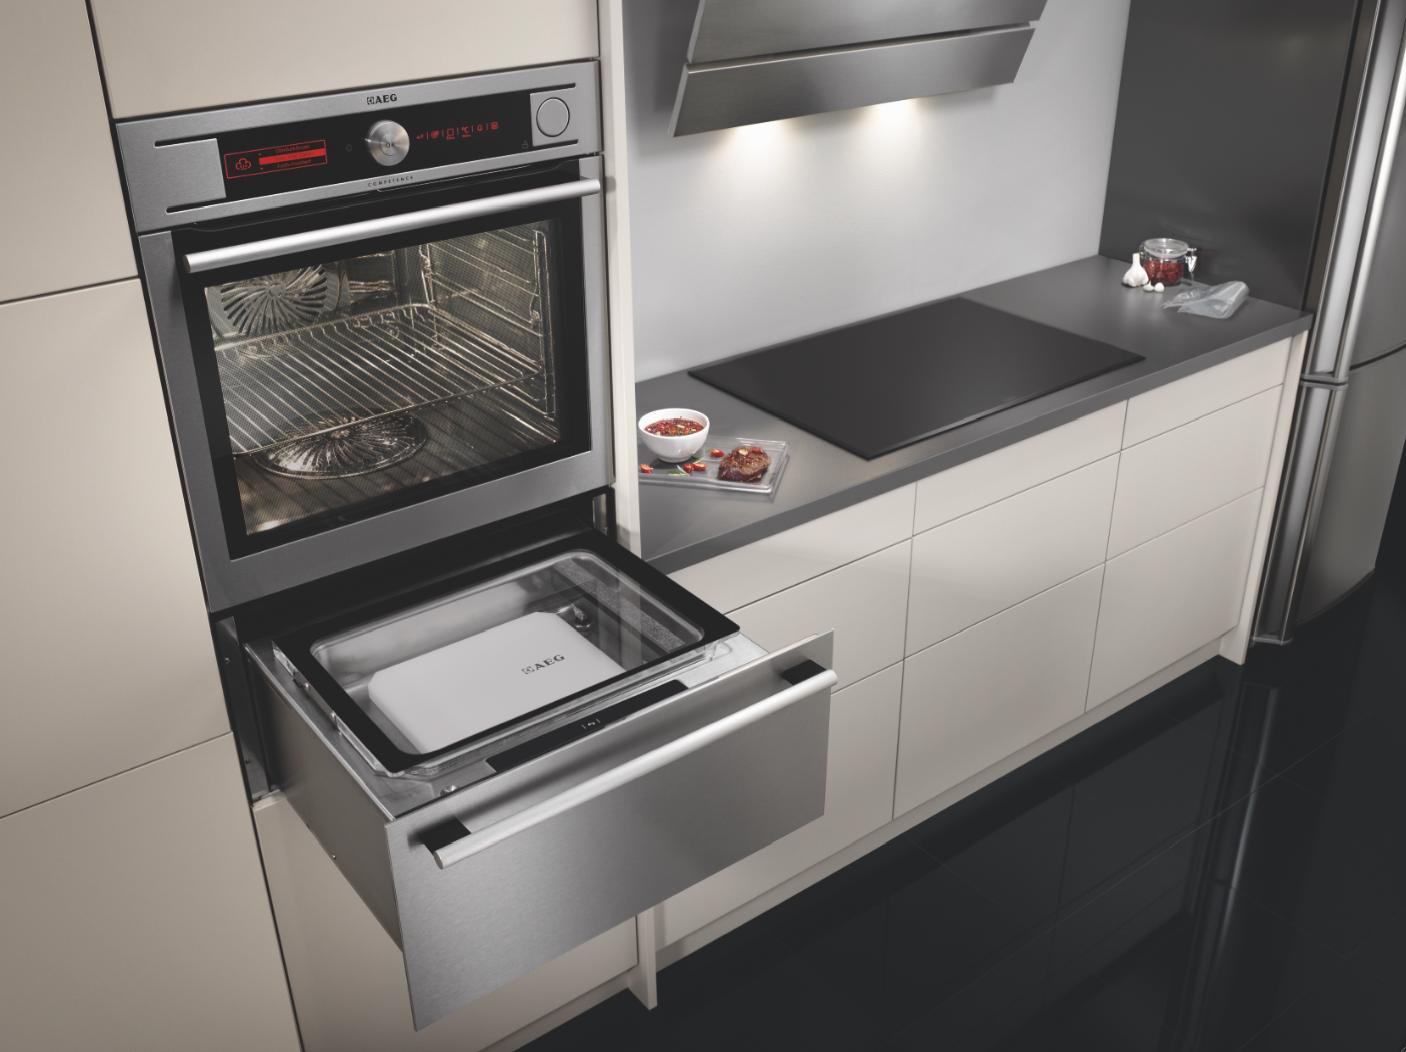 Uncategorized Aeg Kitchen Appliances aeg procombi sousvide dampfgarer mit vakuumier schublade schublade